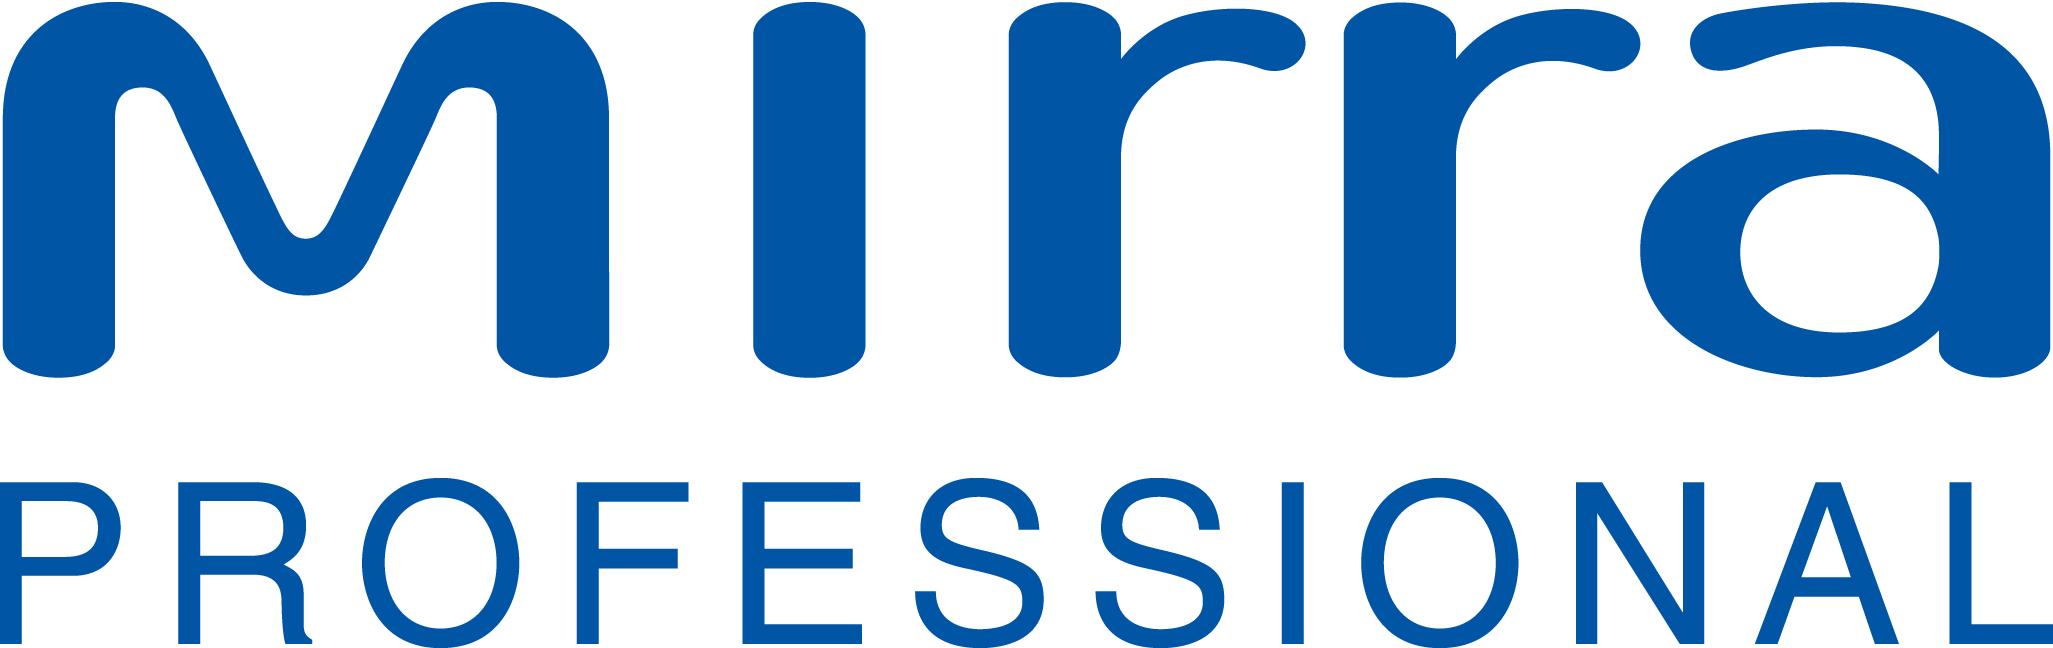 MIRRA PROFESSIONAL - Линия профессиональной косметики